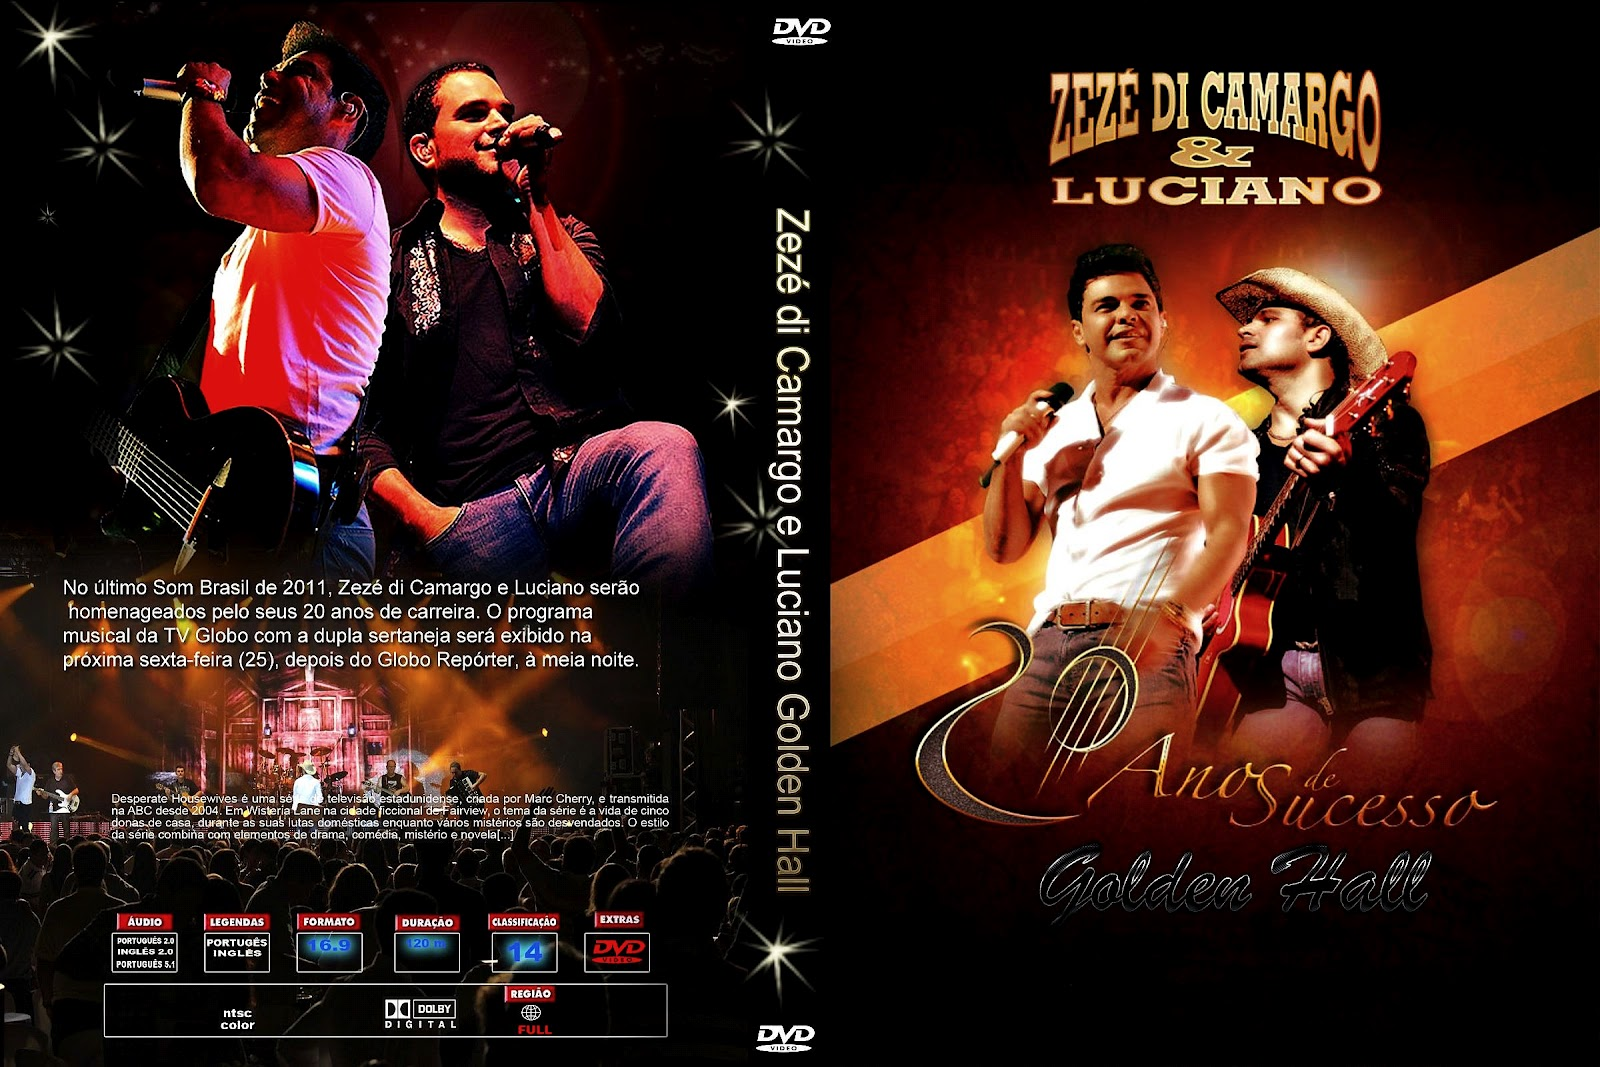 Zezé Camargo e Luciano 20 Anos de Sucesso Zezé Camargo e Luciano 20 Anos de Sucesso zeze 2Bdi 2Bcamargo 2Be 2Bluciano 2BXANDAODOWNLOAD